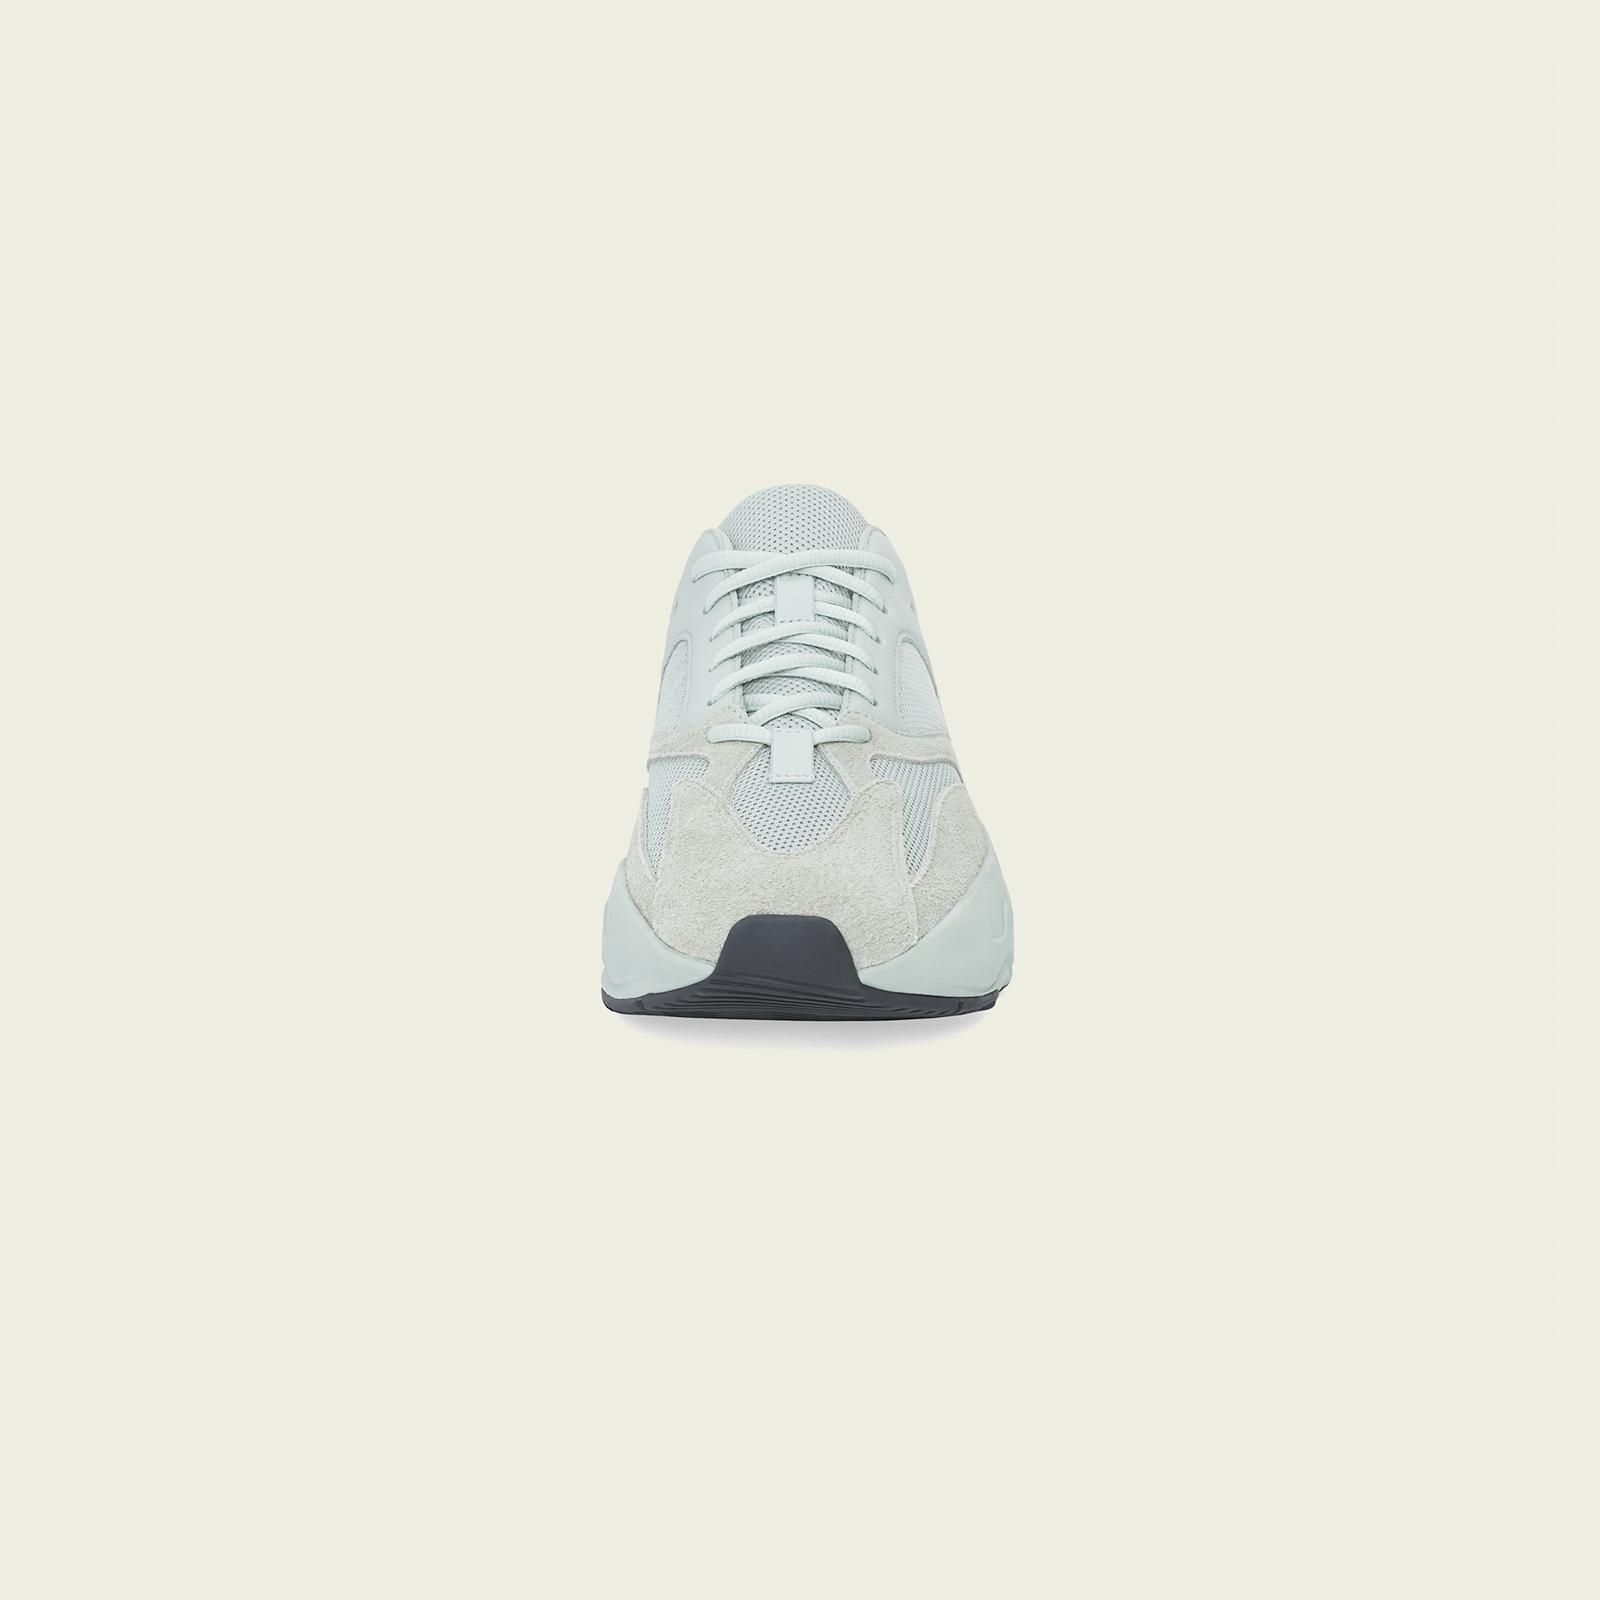 Yeezy Boost 700 'Salt' adidas EG7487   GOAT